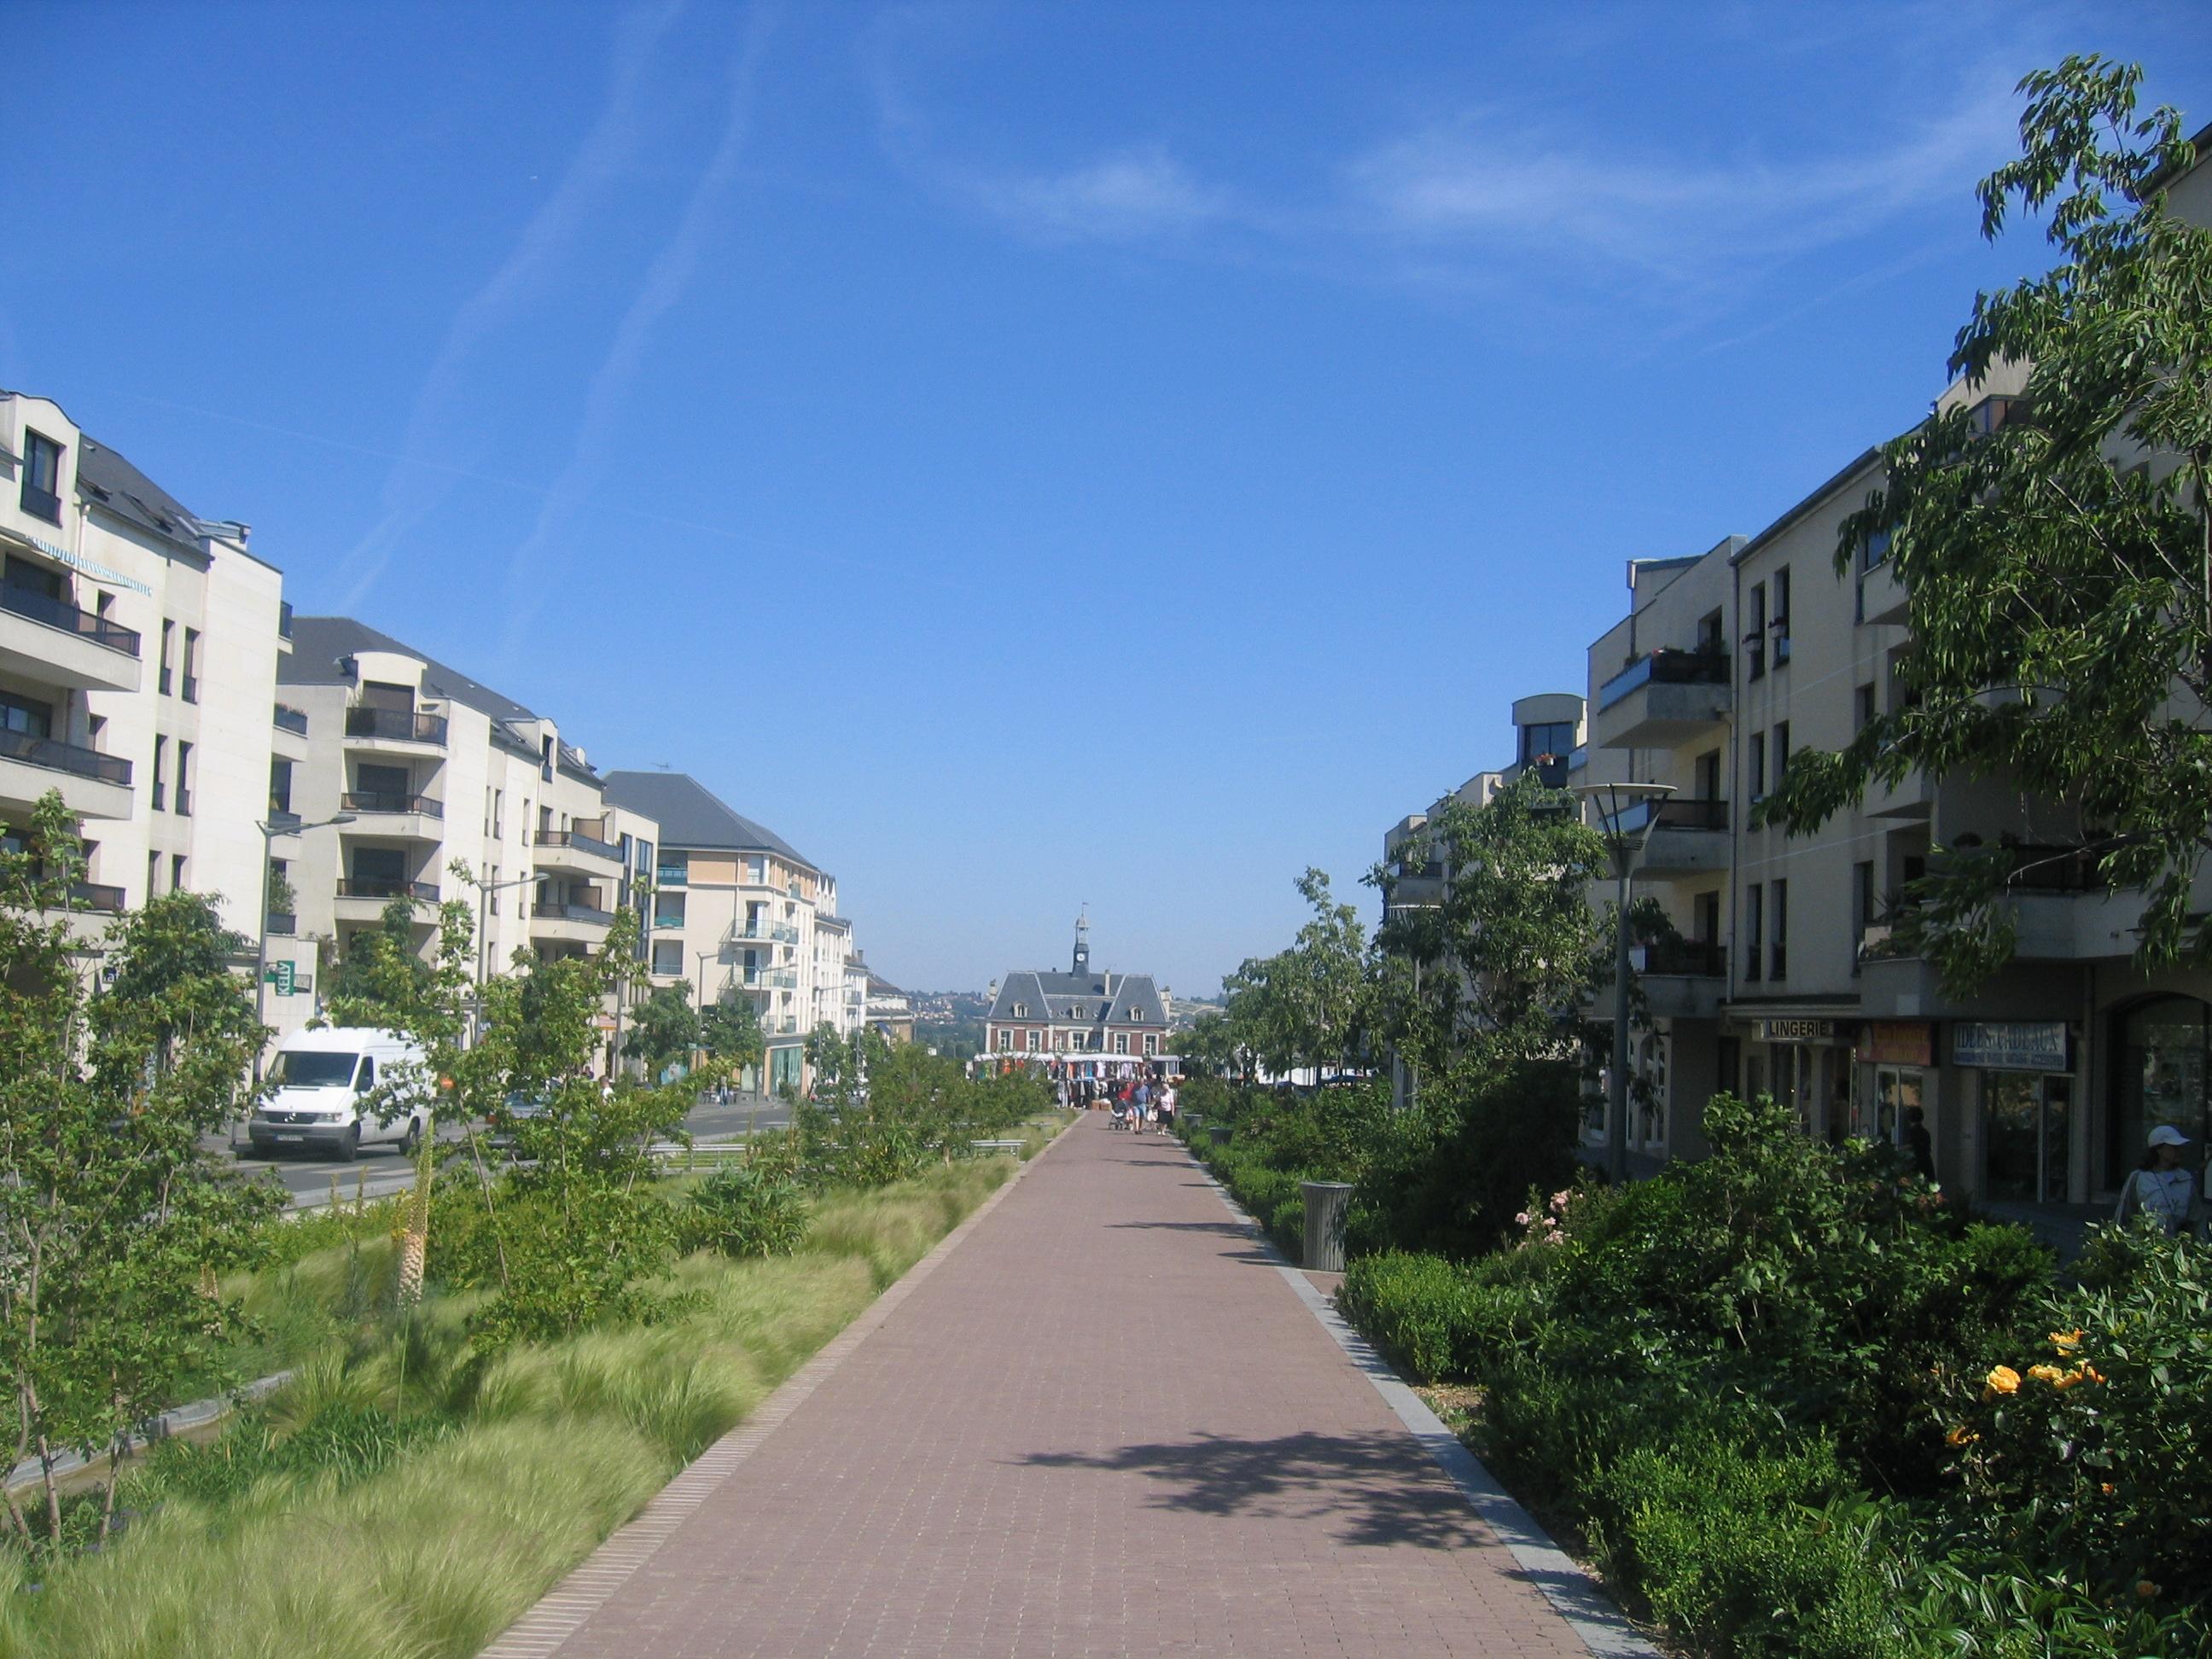 Noisy Le Grand France  City pictures : Fichier:Le nouveau centre ville, Noisy le Grand, France ...